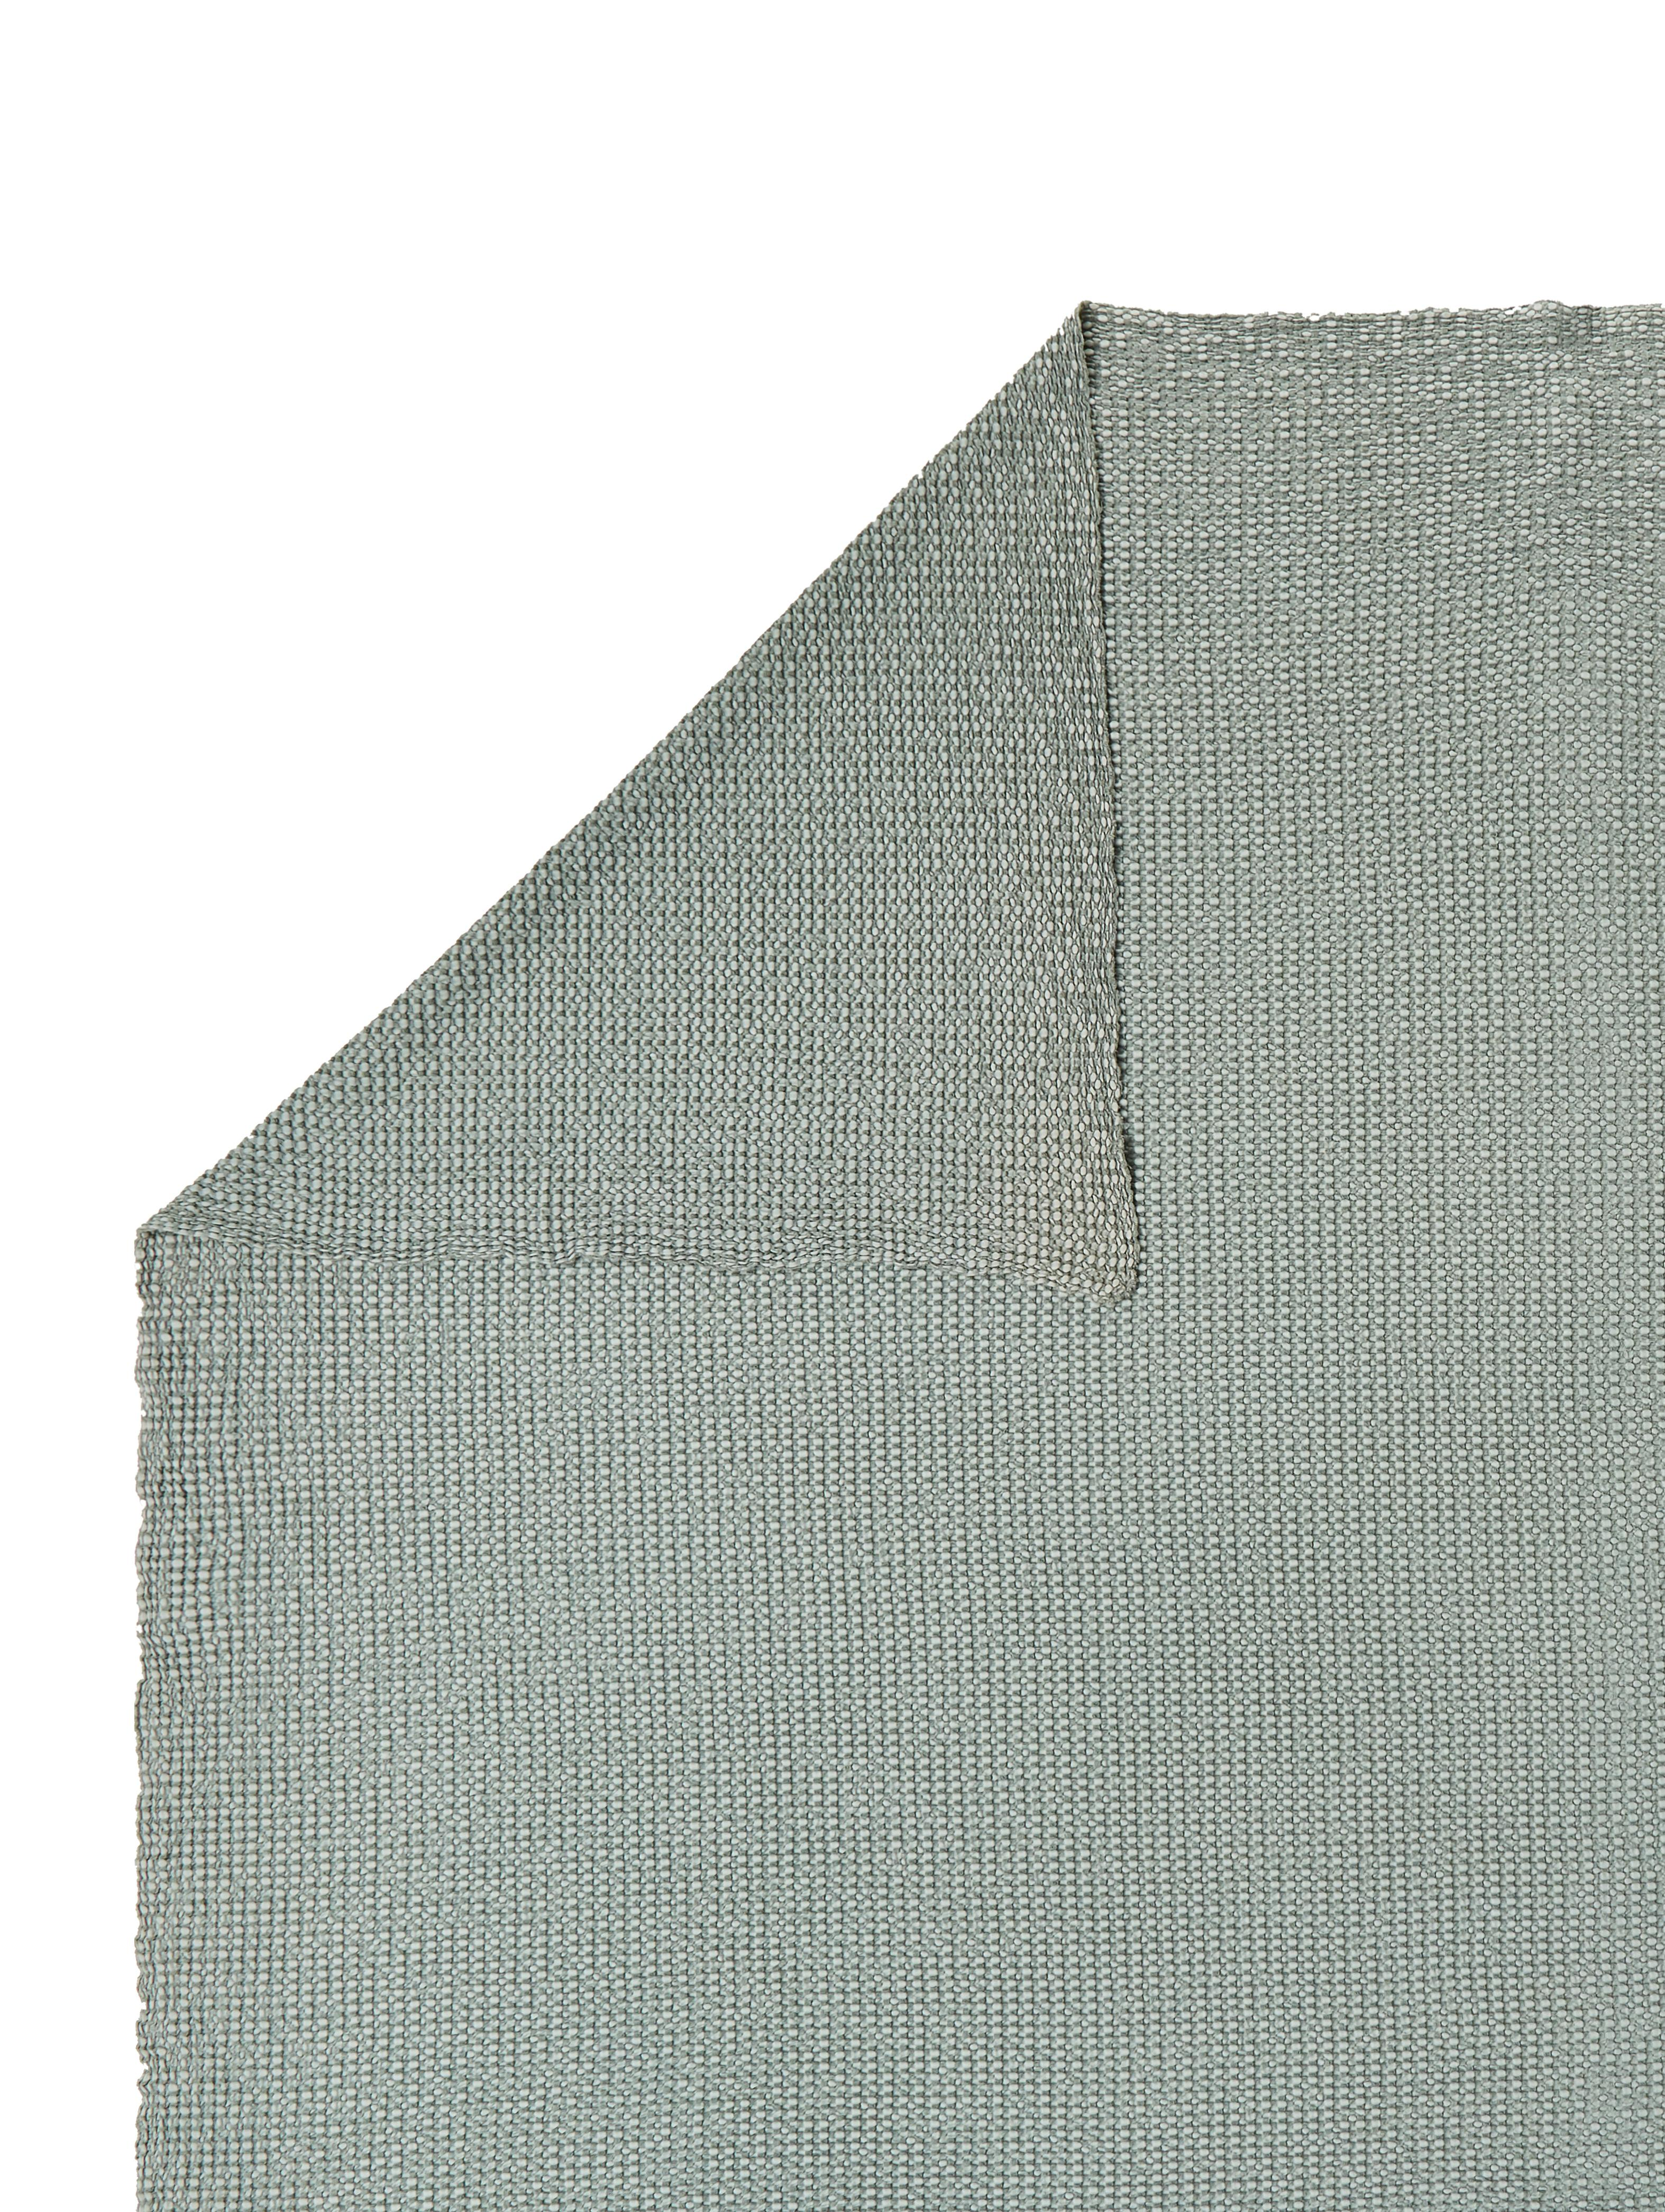 Narzuta Vigo, Bawełna, Butelkowy zielony, S 220 x D 240 cm